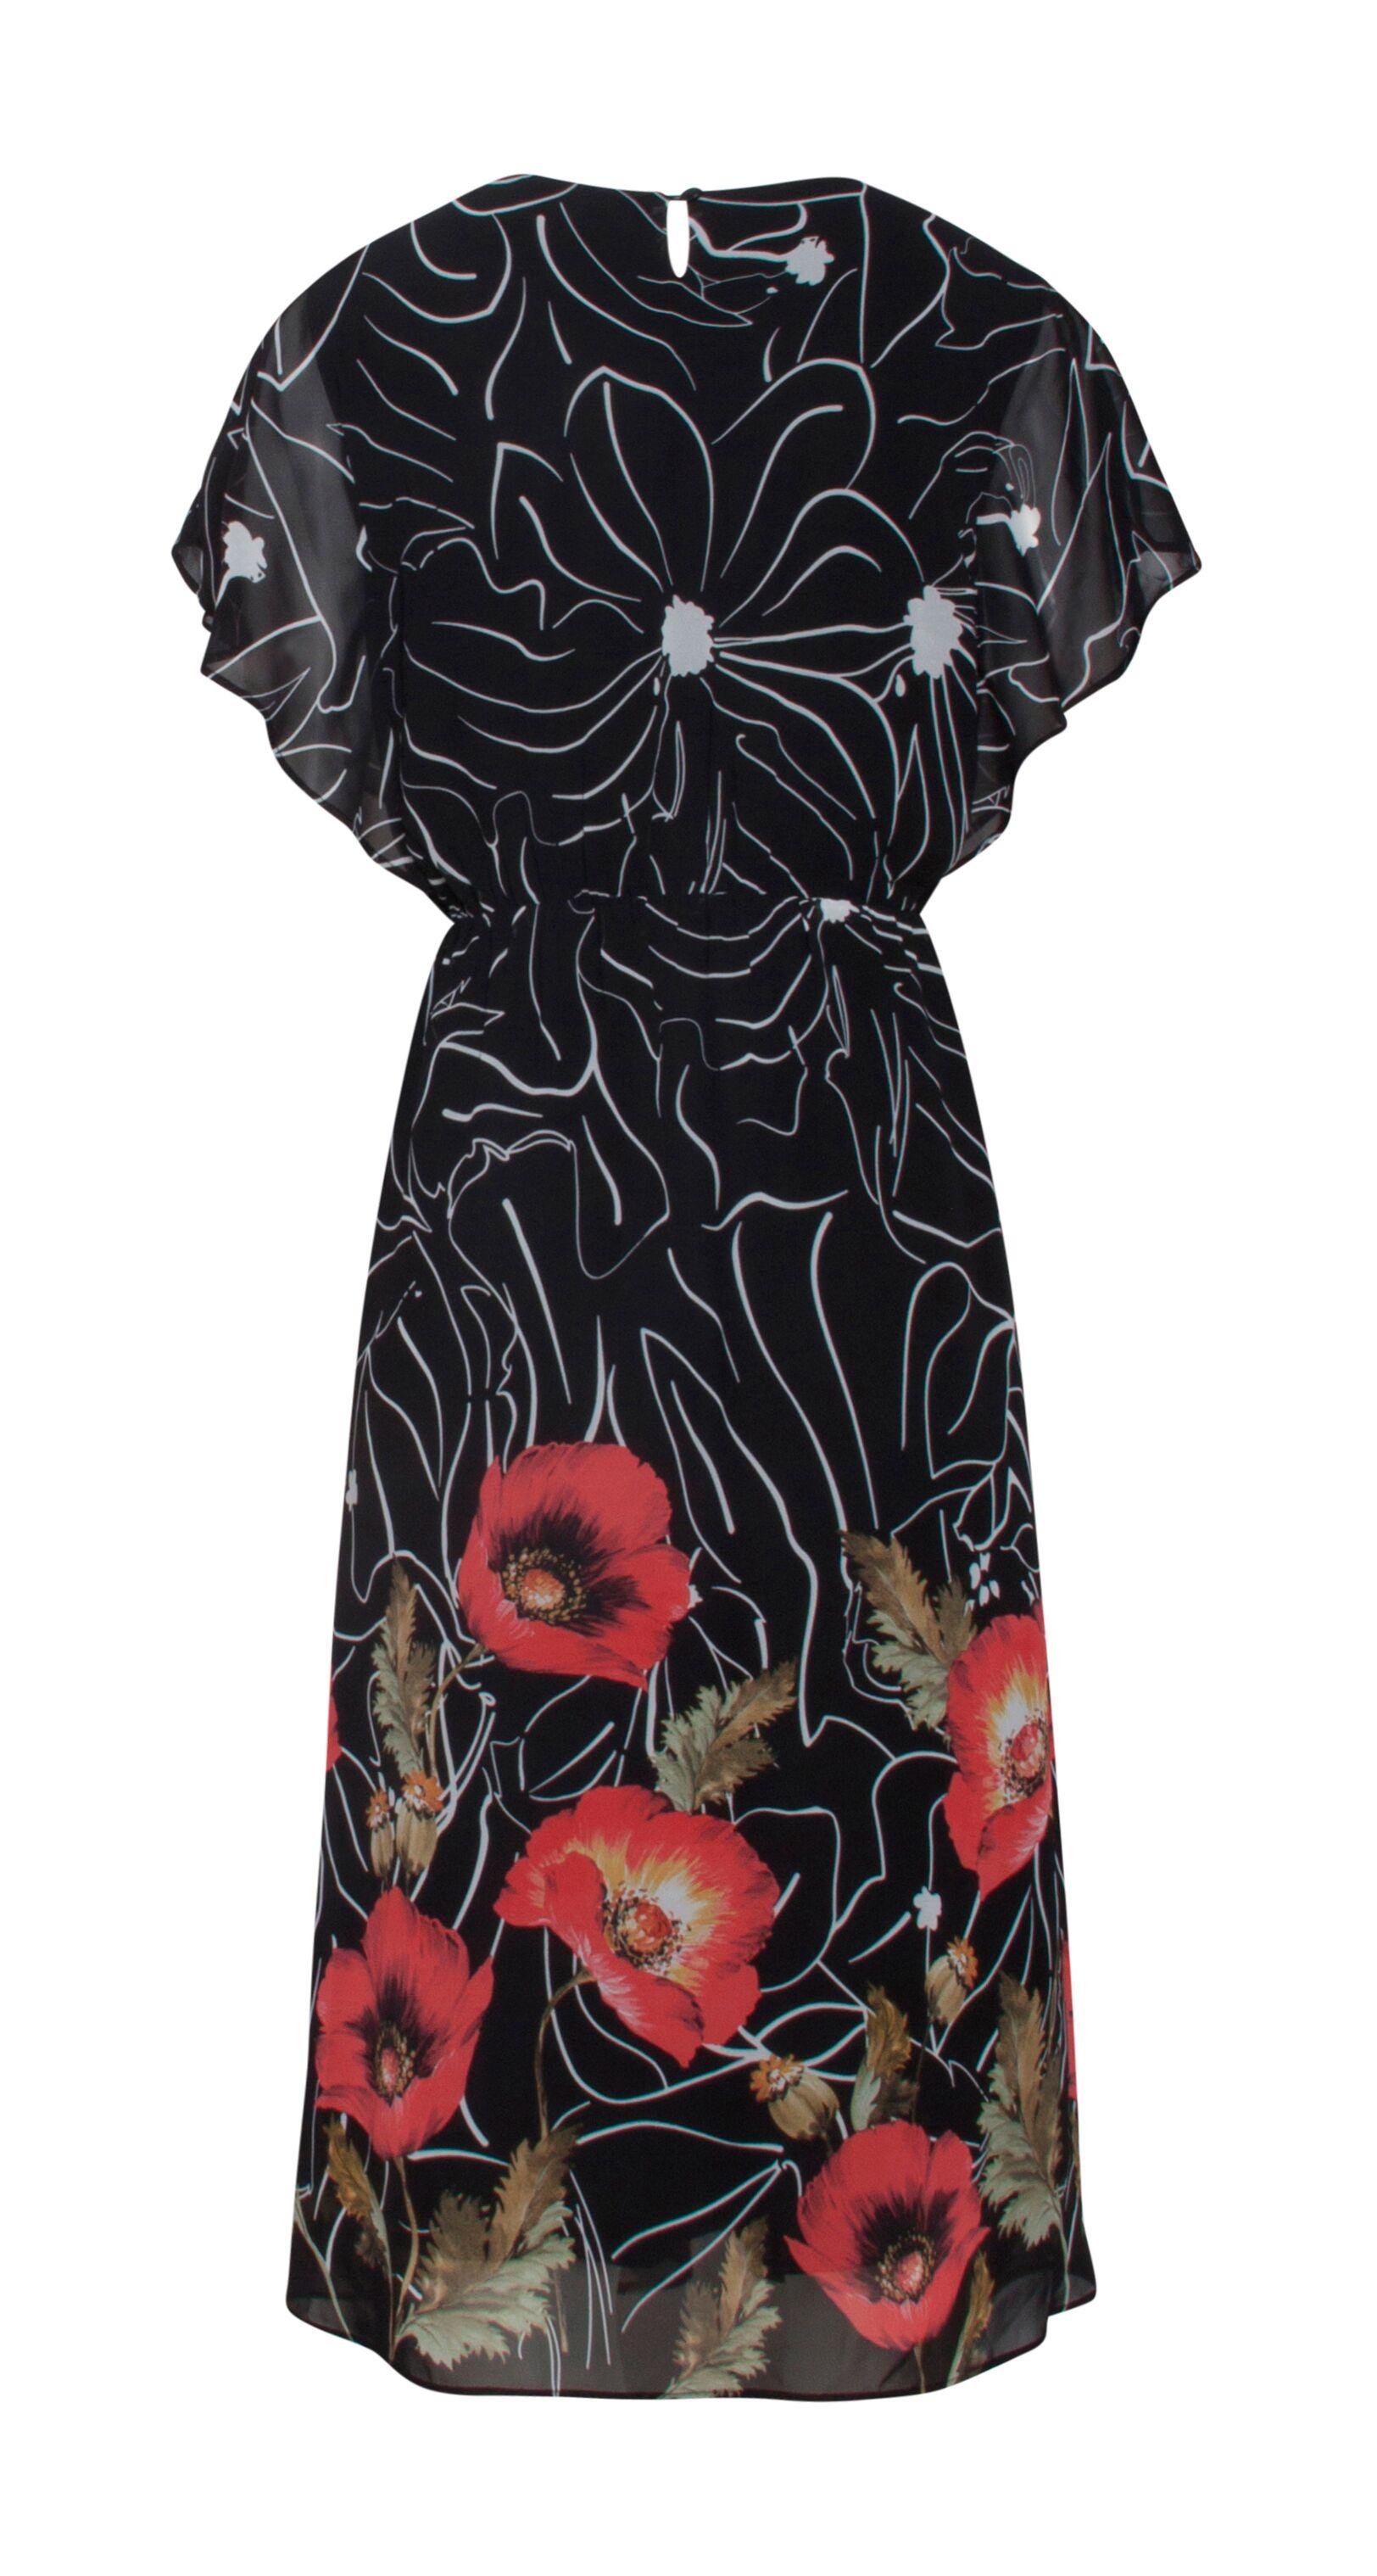 e18eae5b Smashed Lemon kjole i let stof   Festkjole med print af røde blomster